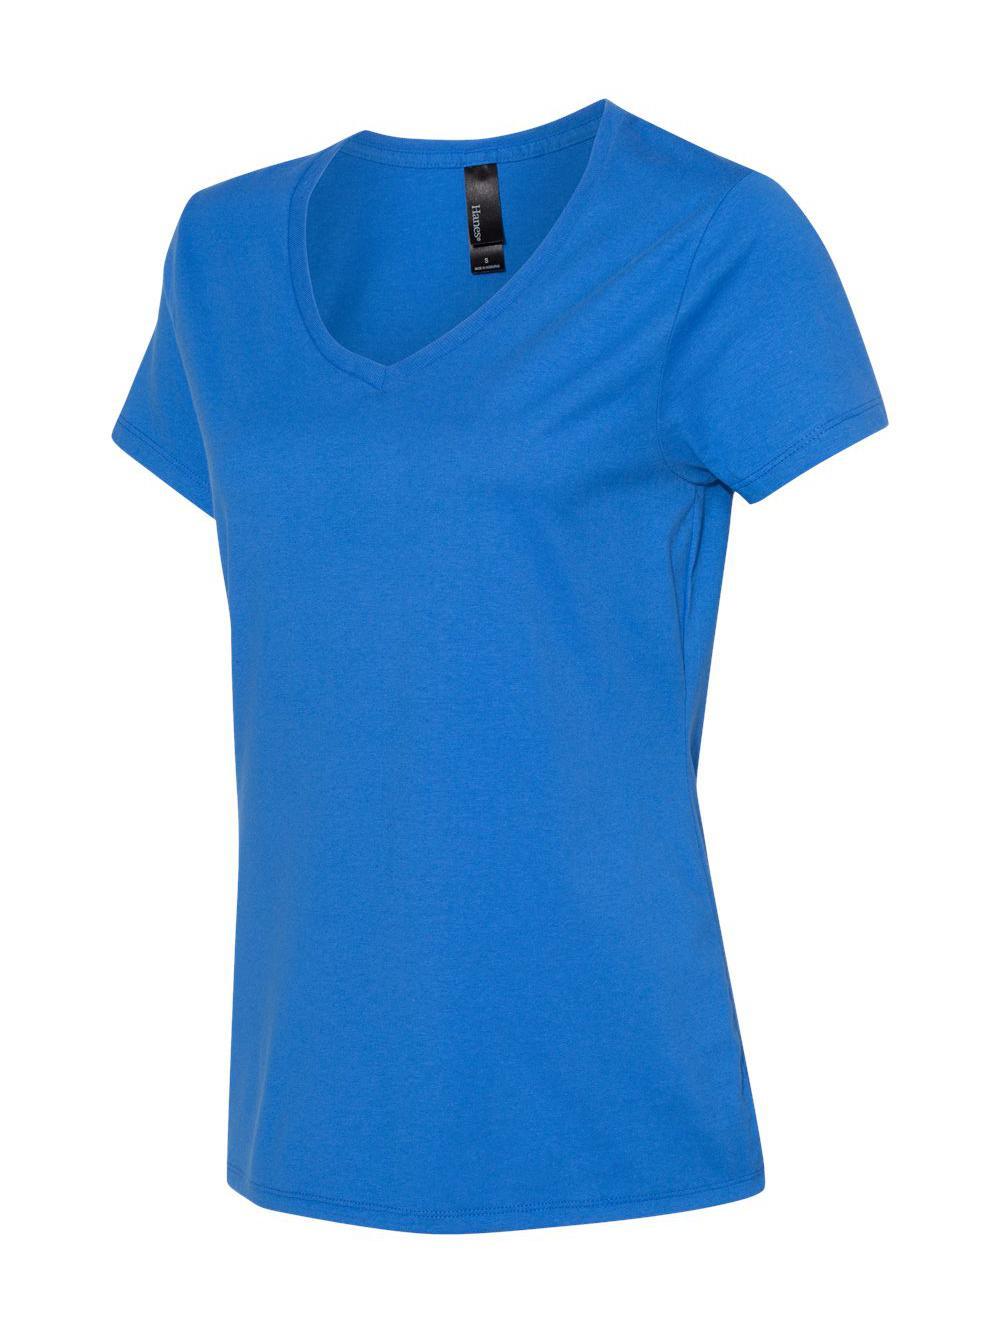 Hanes-Nano-T-Women-039-s-V-Neck-T-Shirt-S04V thumbnail 8